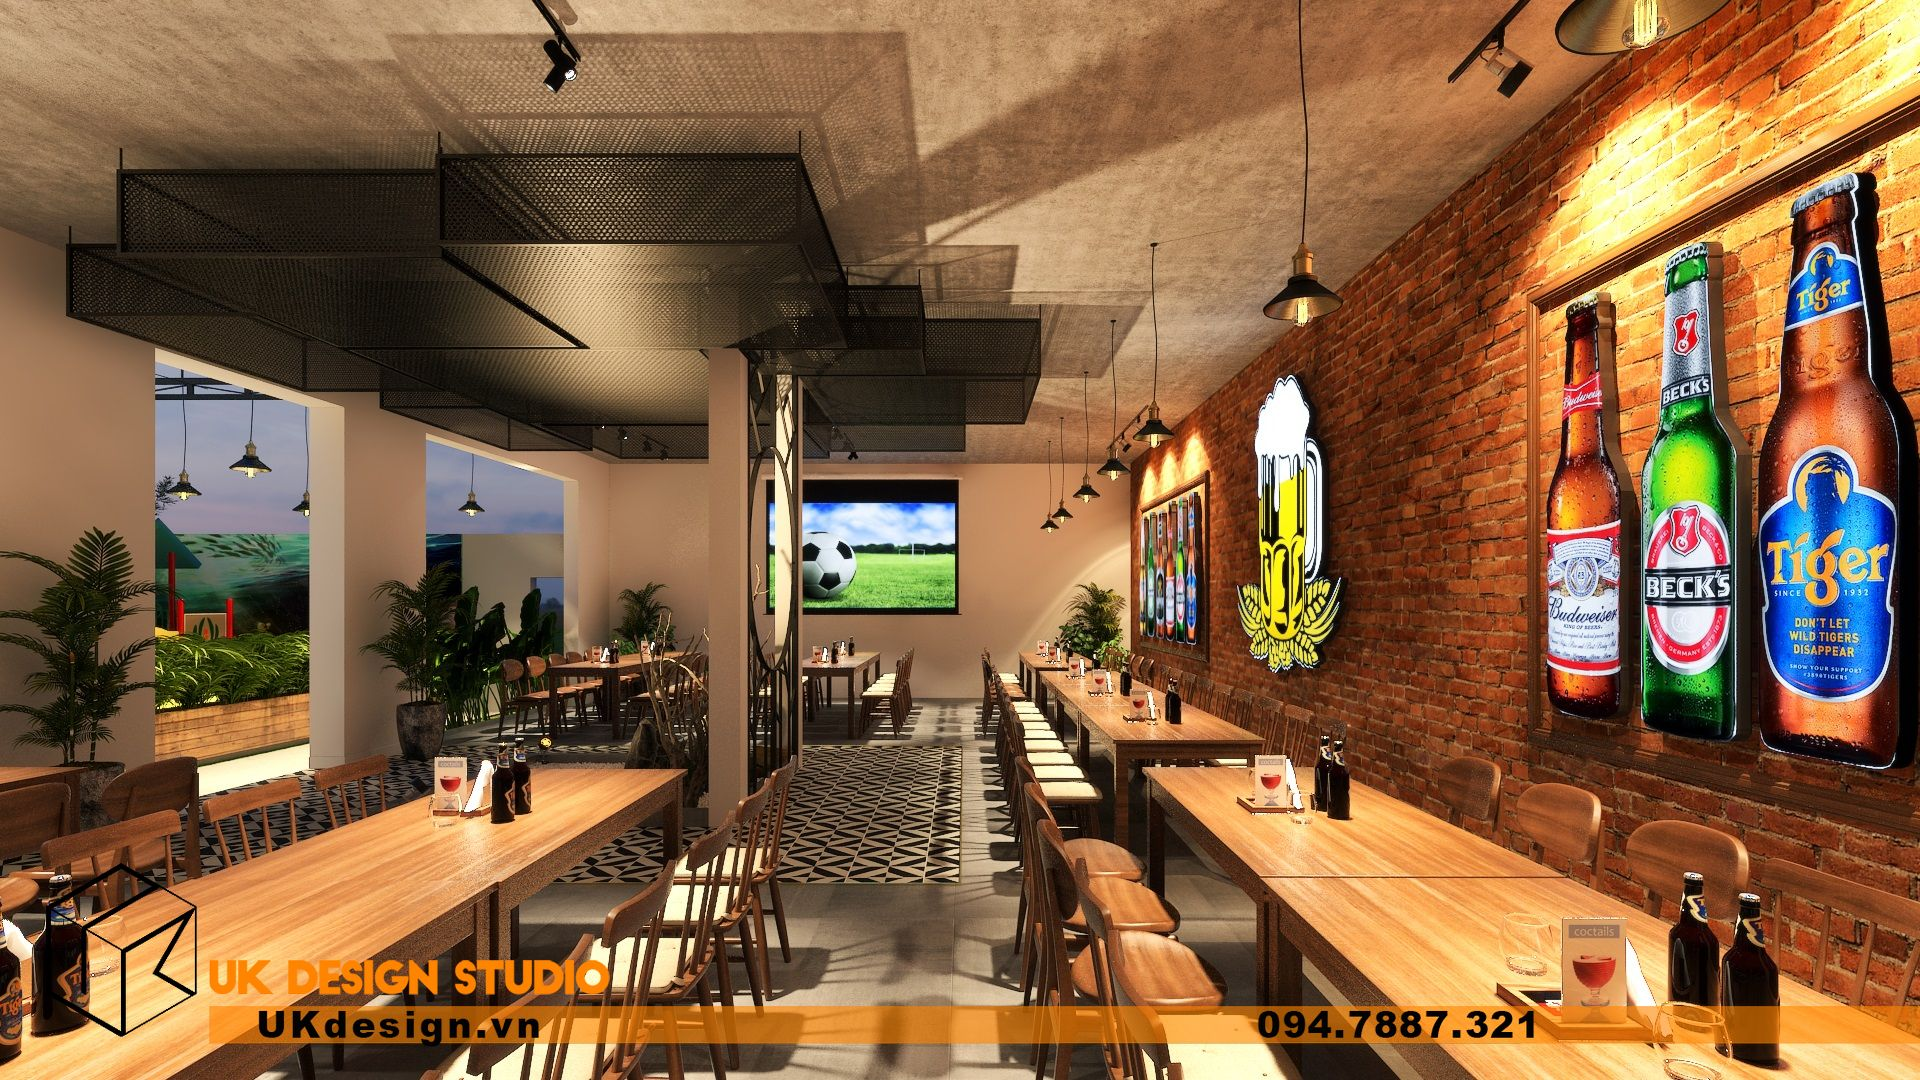 Thiết kế Beer Garden TÂN LONG HƯNG ở Vũng Tàu 23